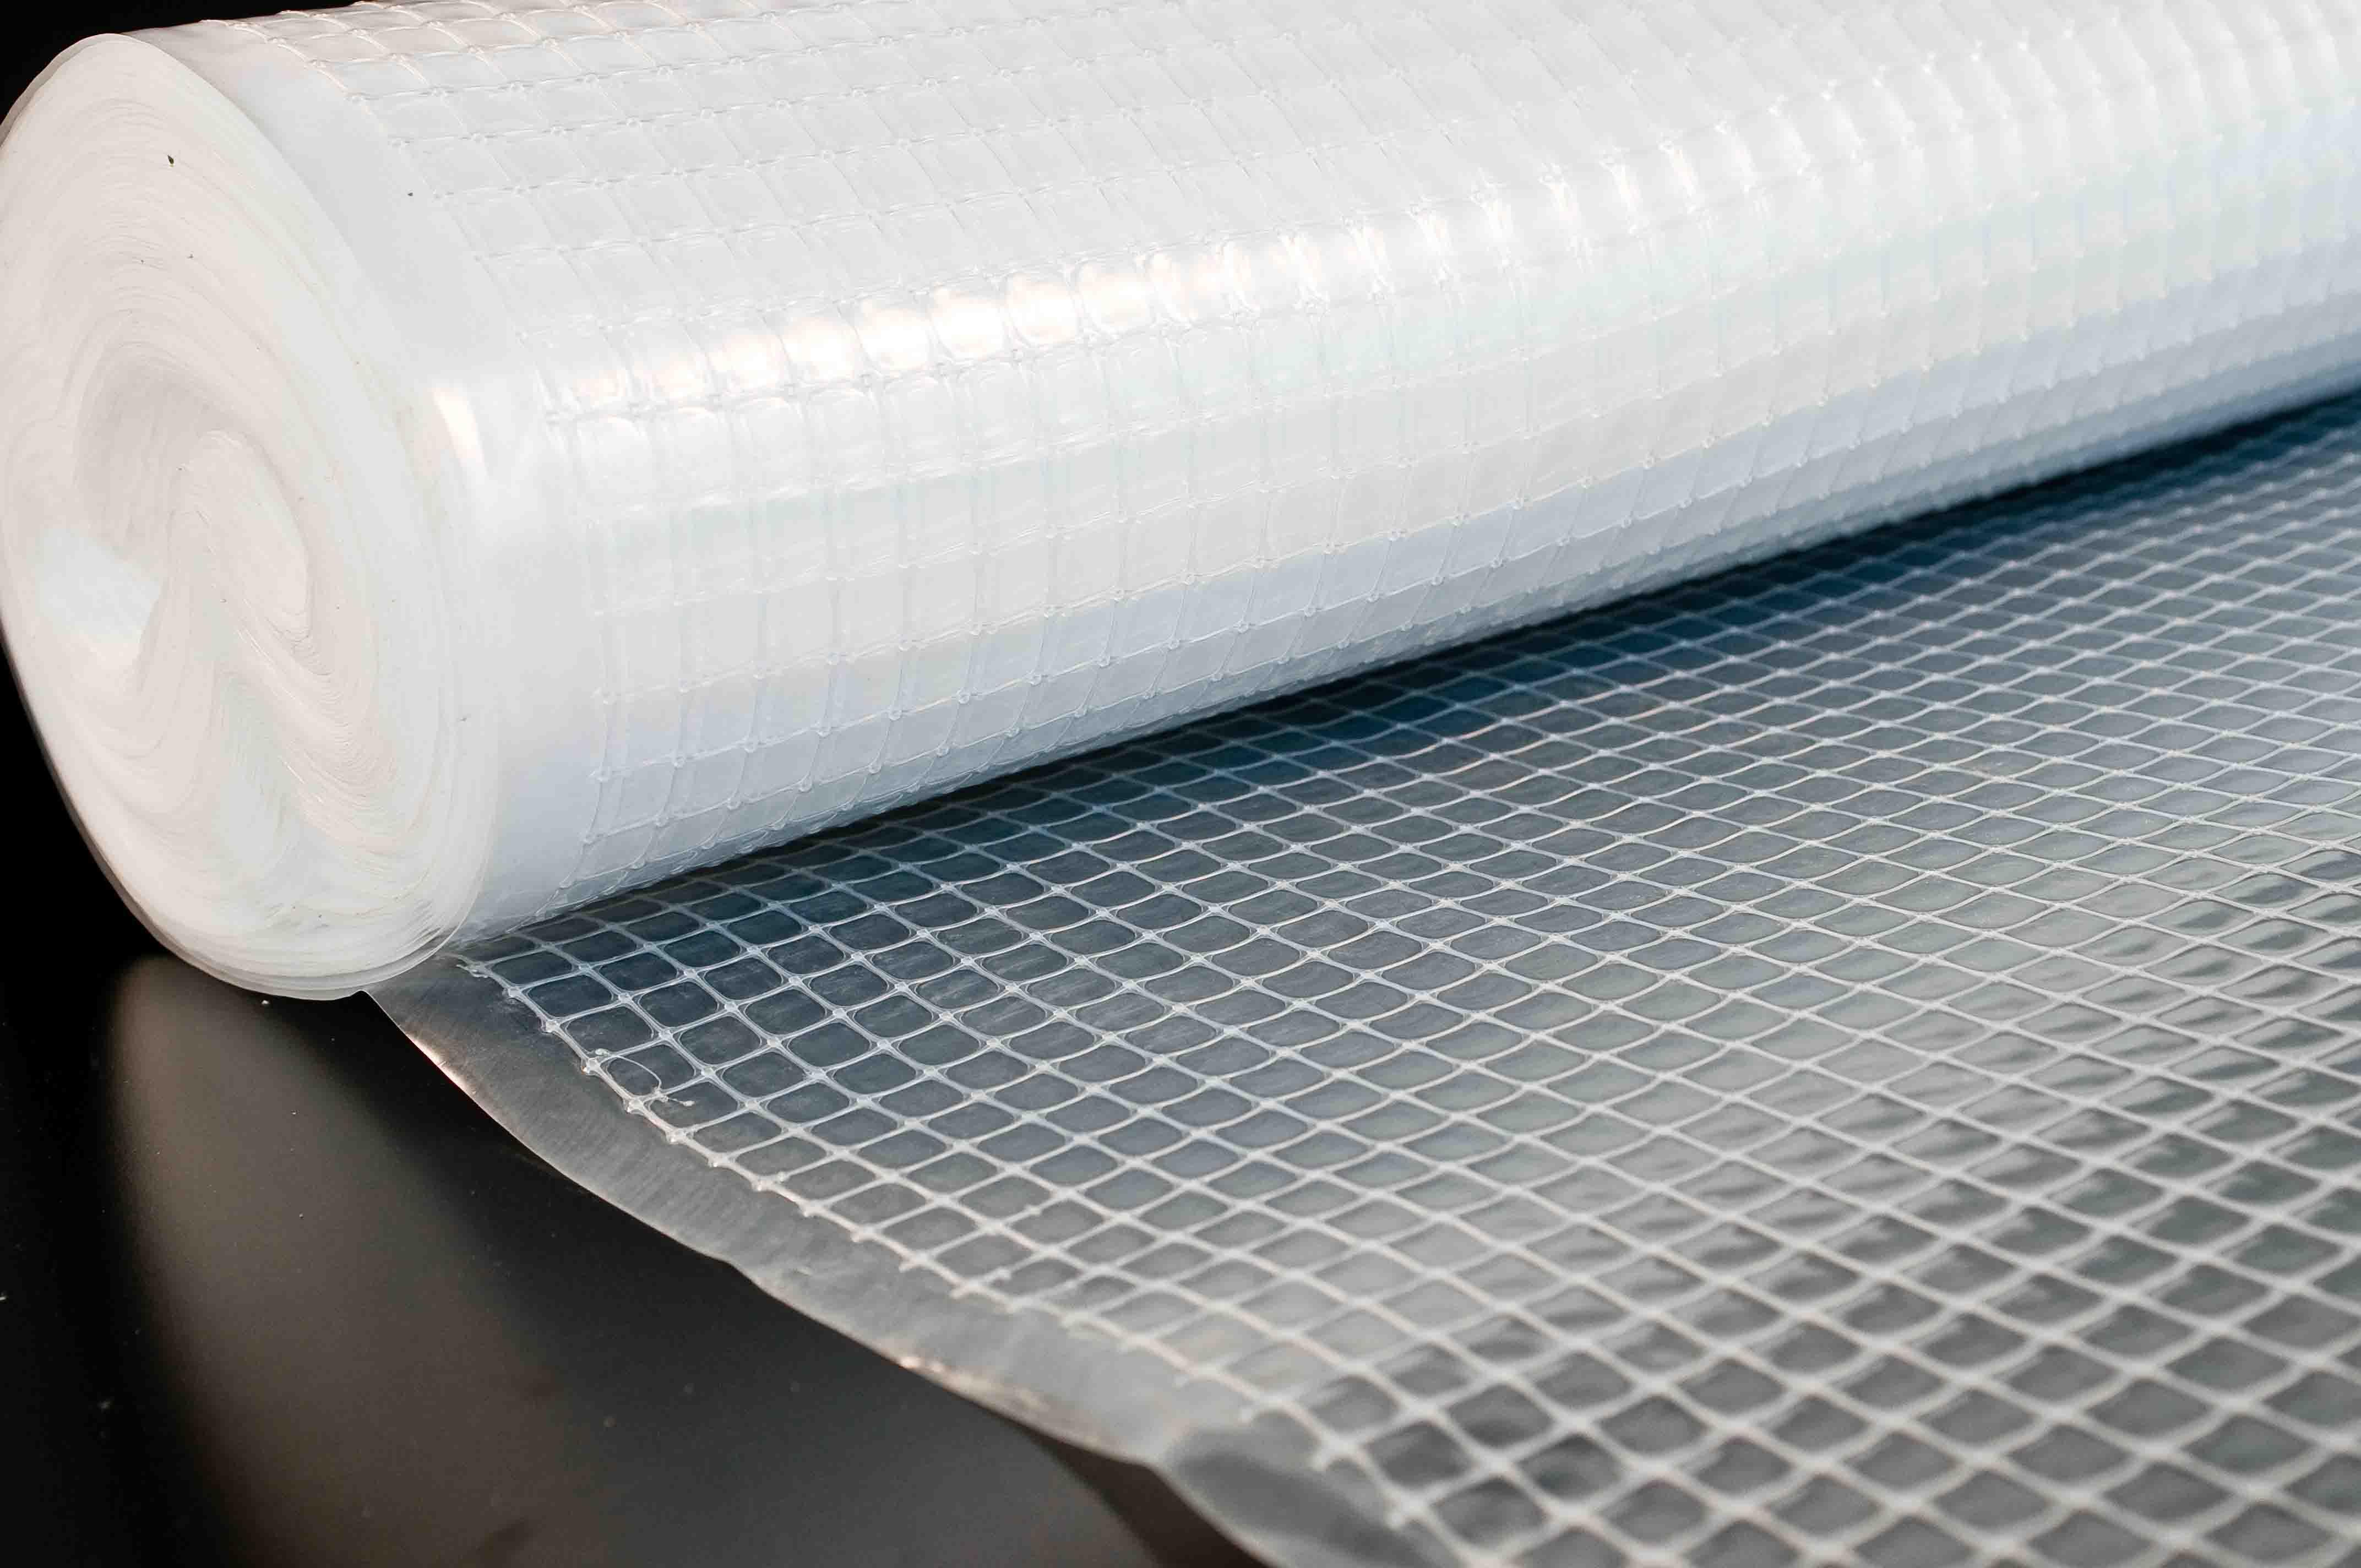 Как заклеить пакет в домашних условиях – чем склеить полиэтиленовую пленку